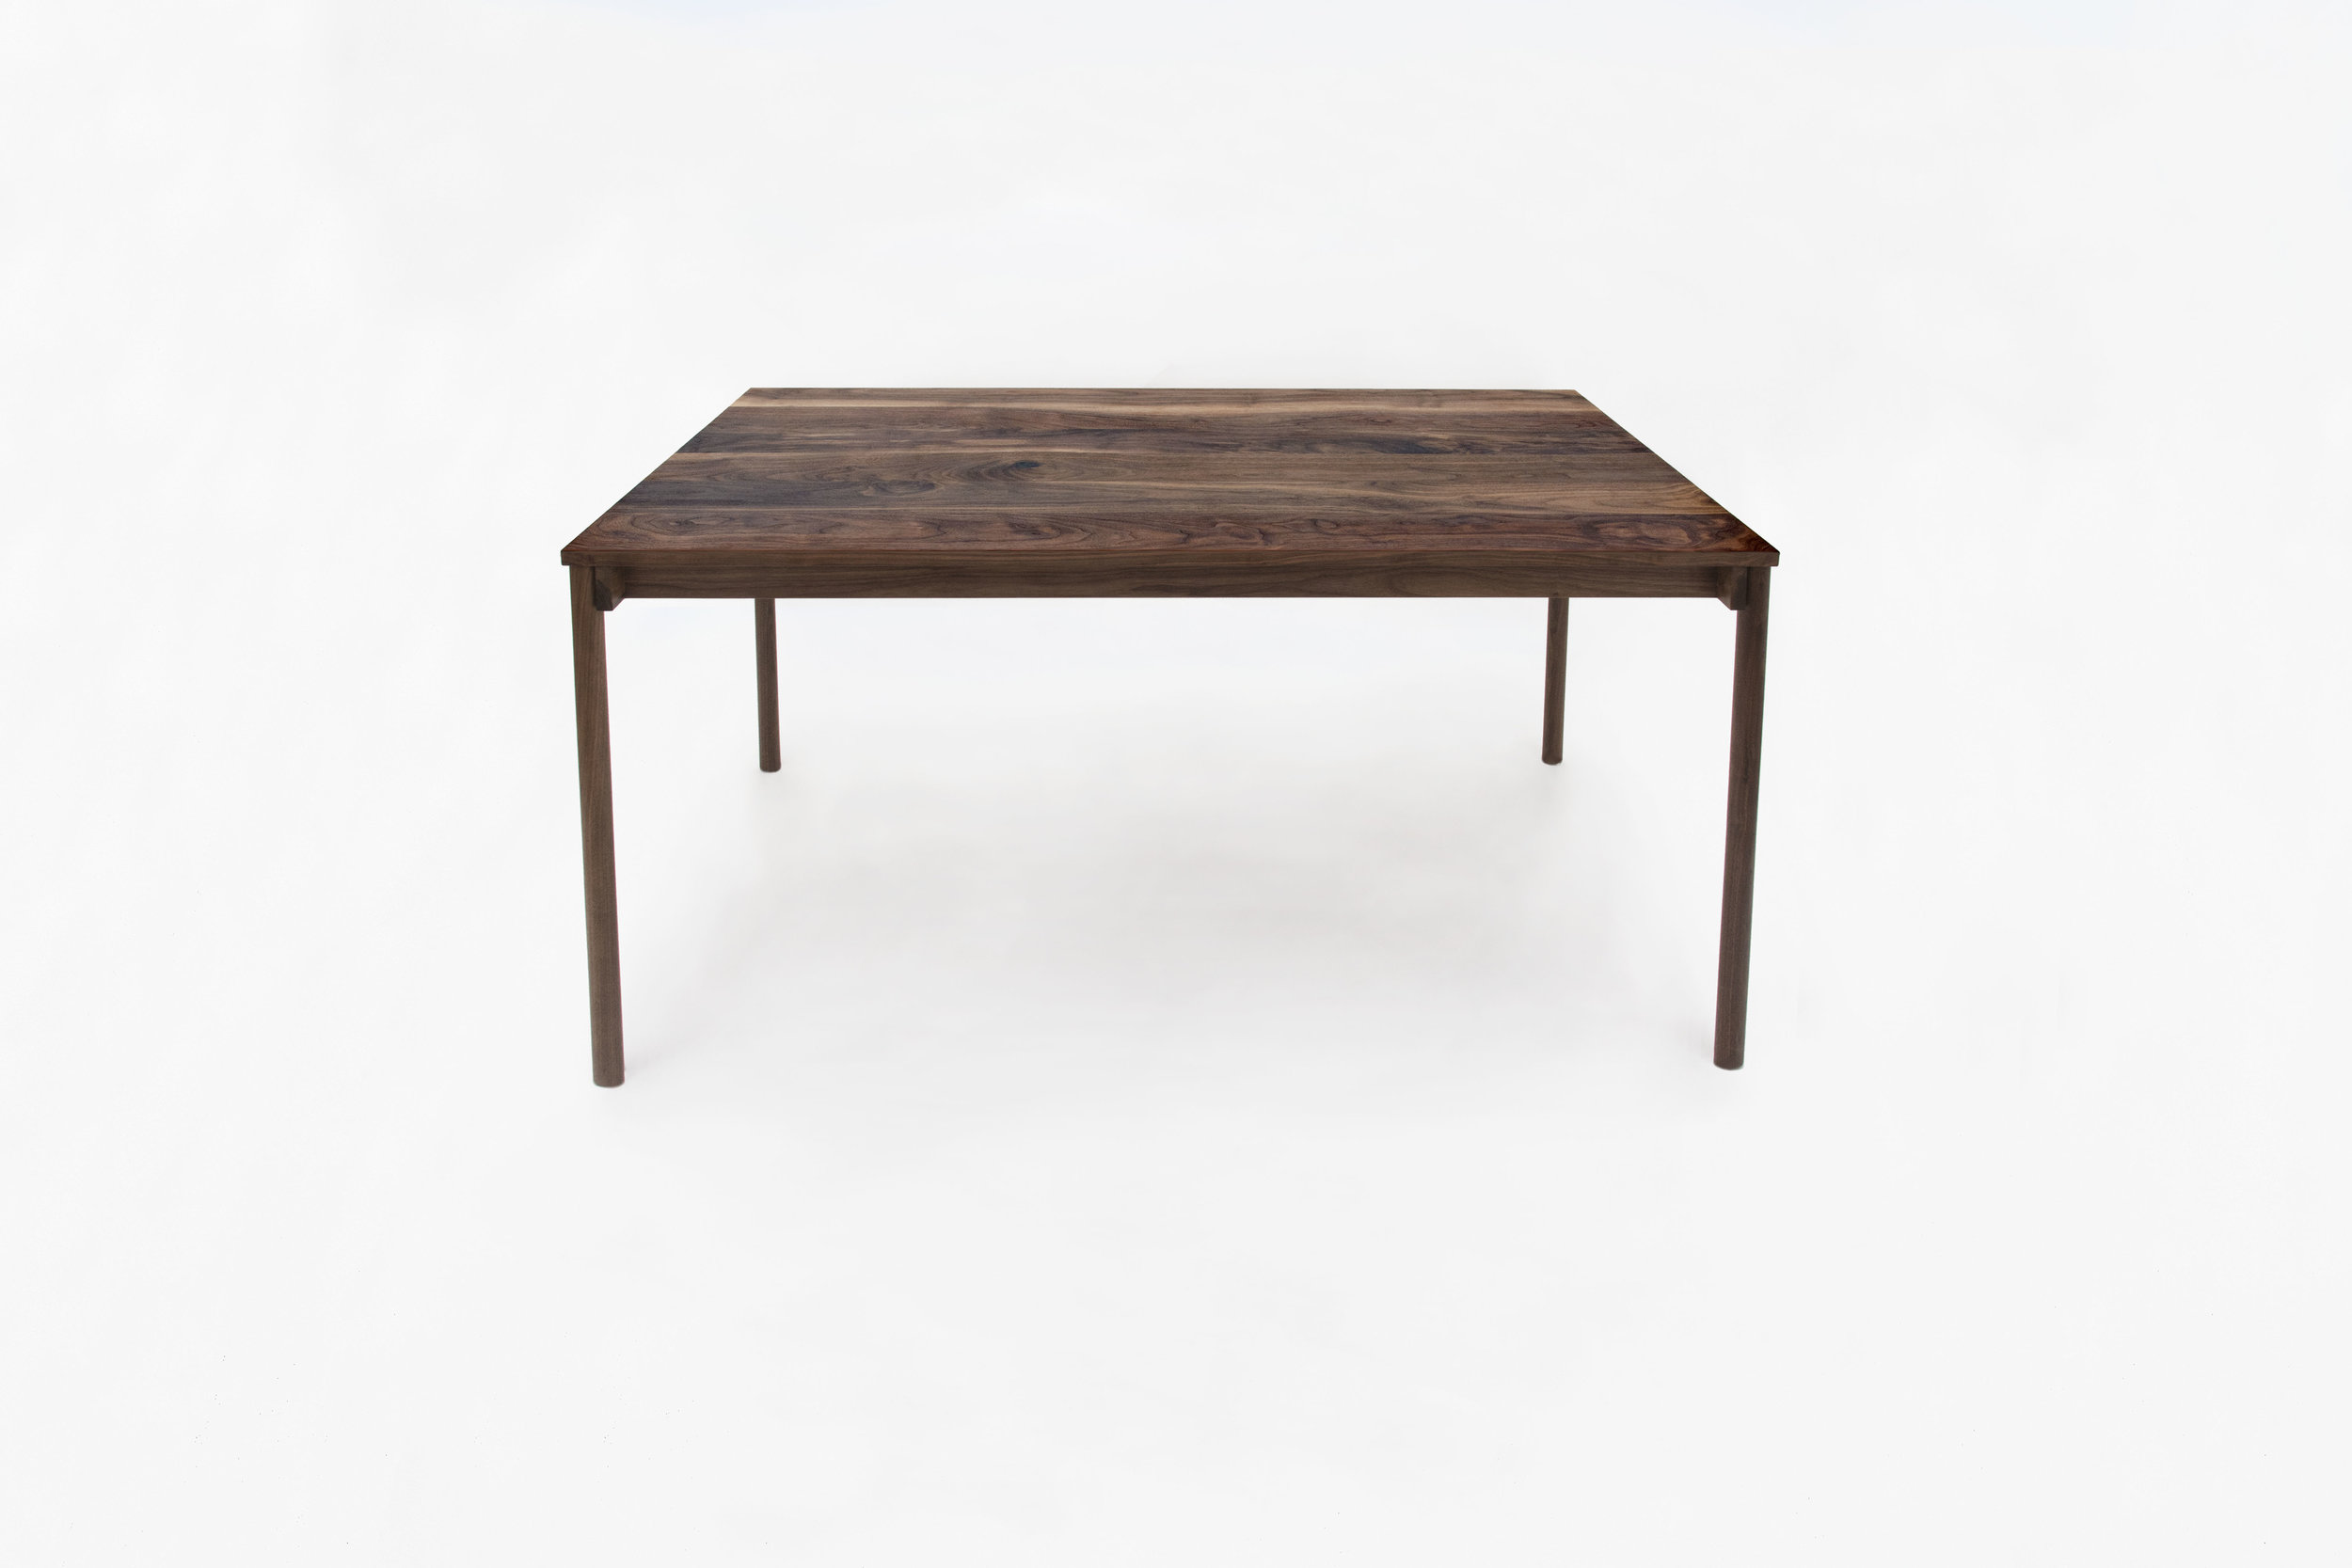 teot table 2.jpg